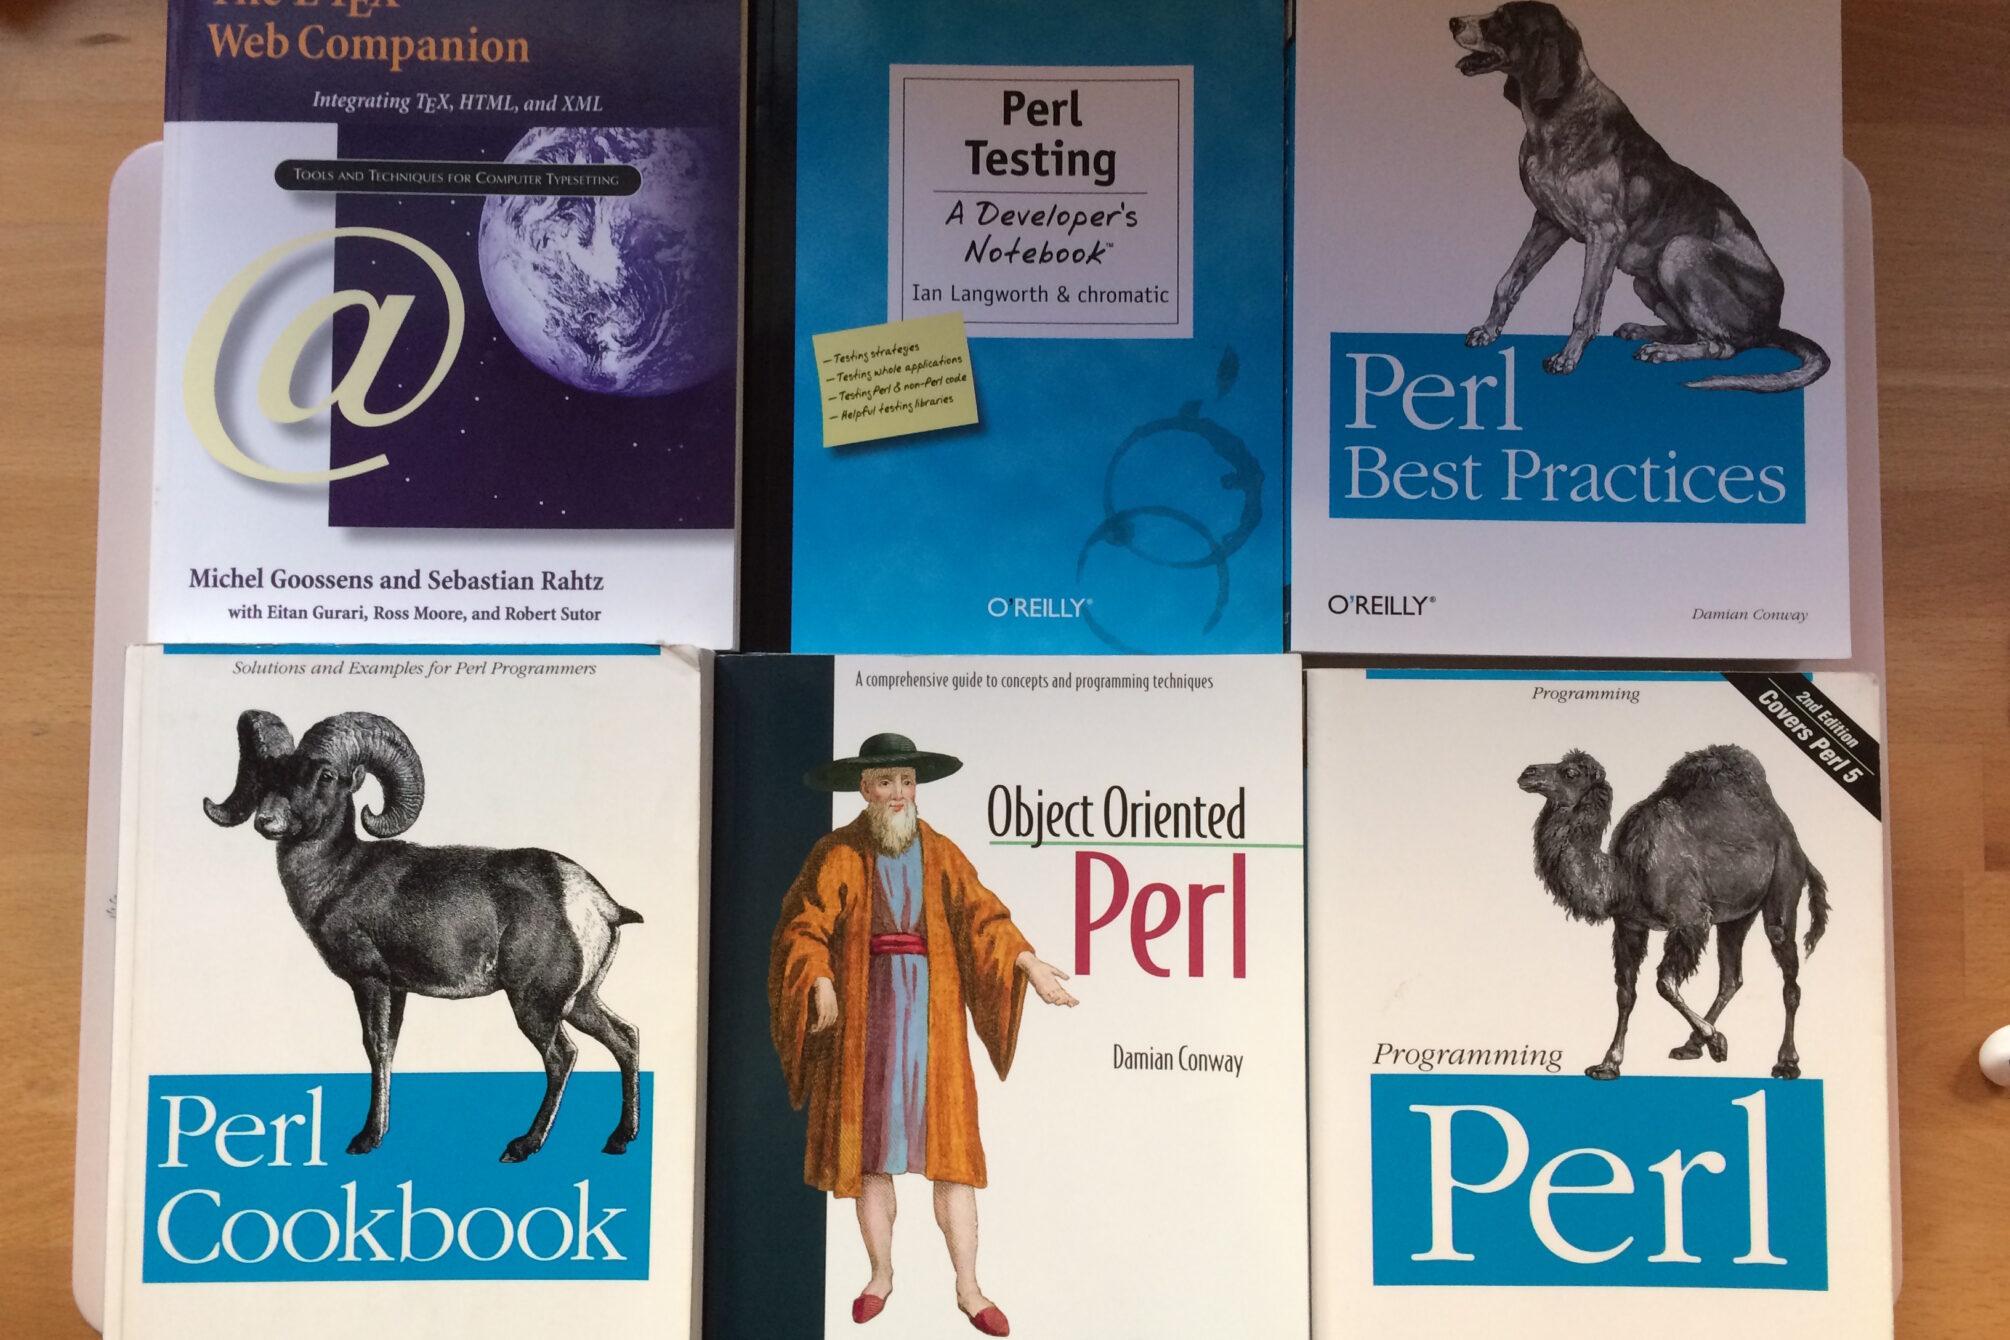 Perl-Bücher und ein LaTeX-Buch, auf einem Tisch ausgelegt